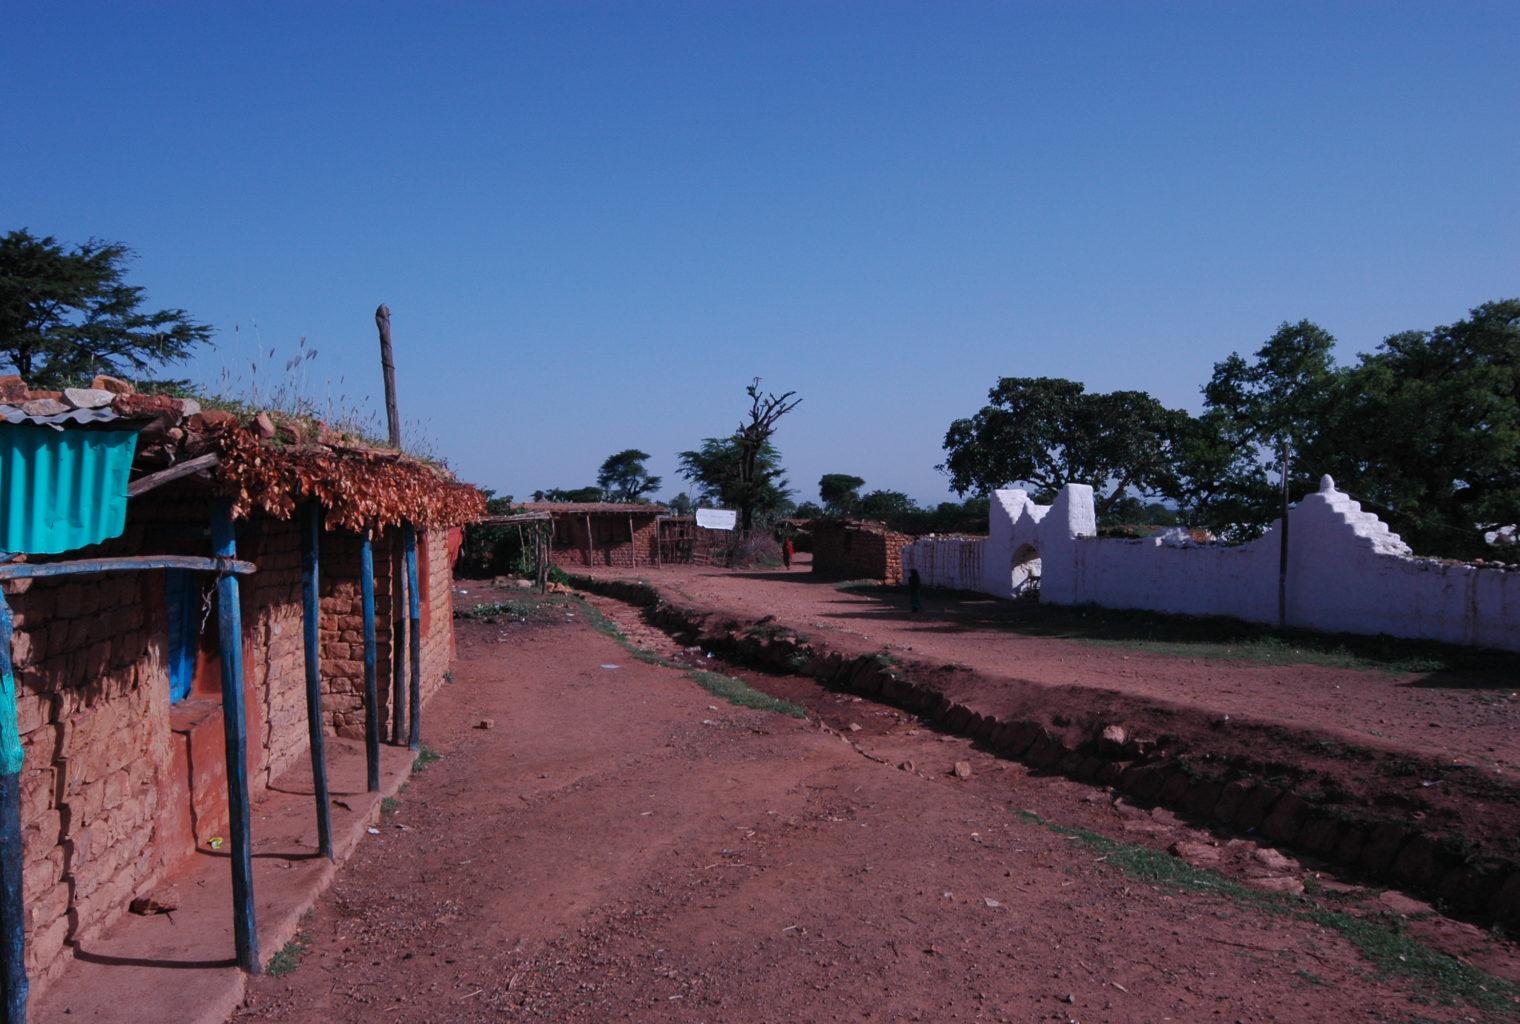 Sheikh Hussein Ethiopia Scenery